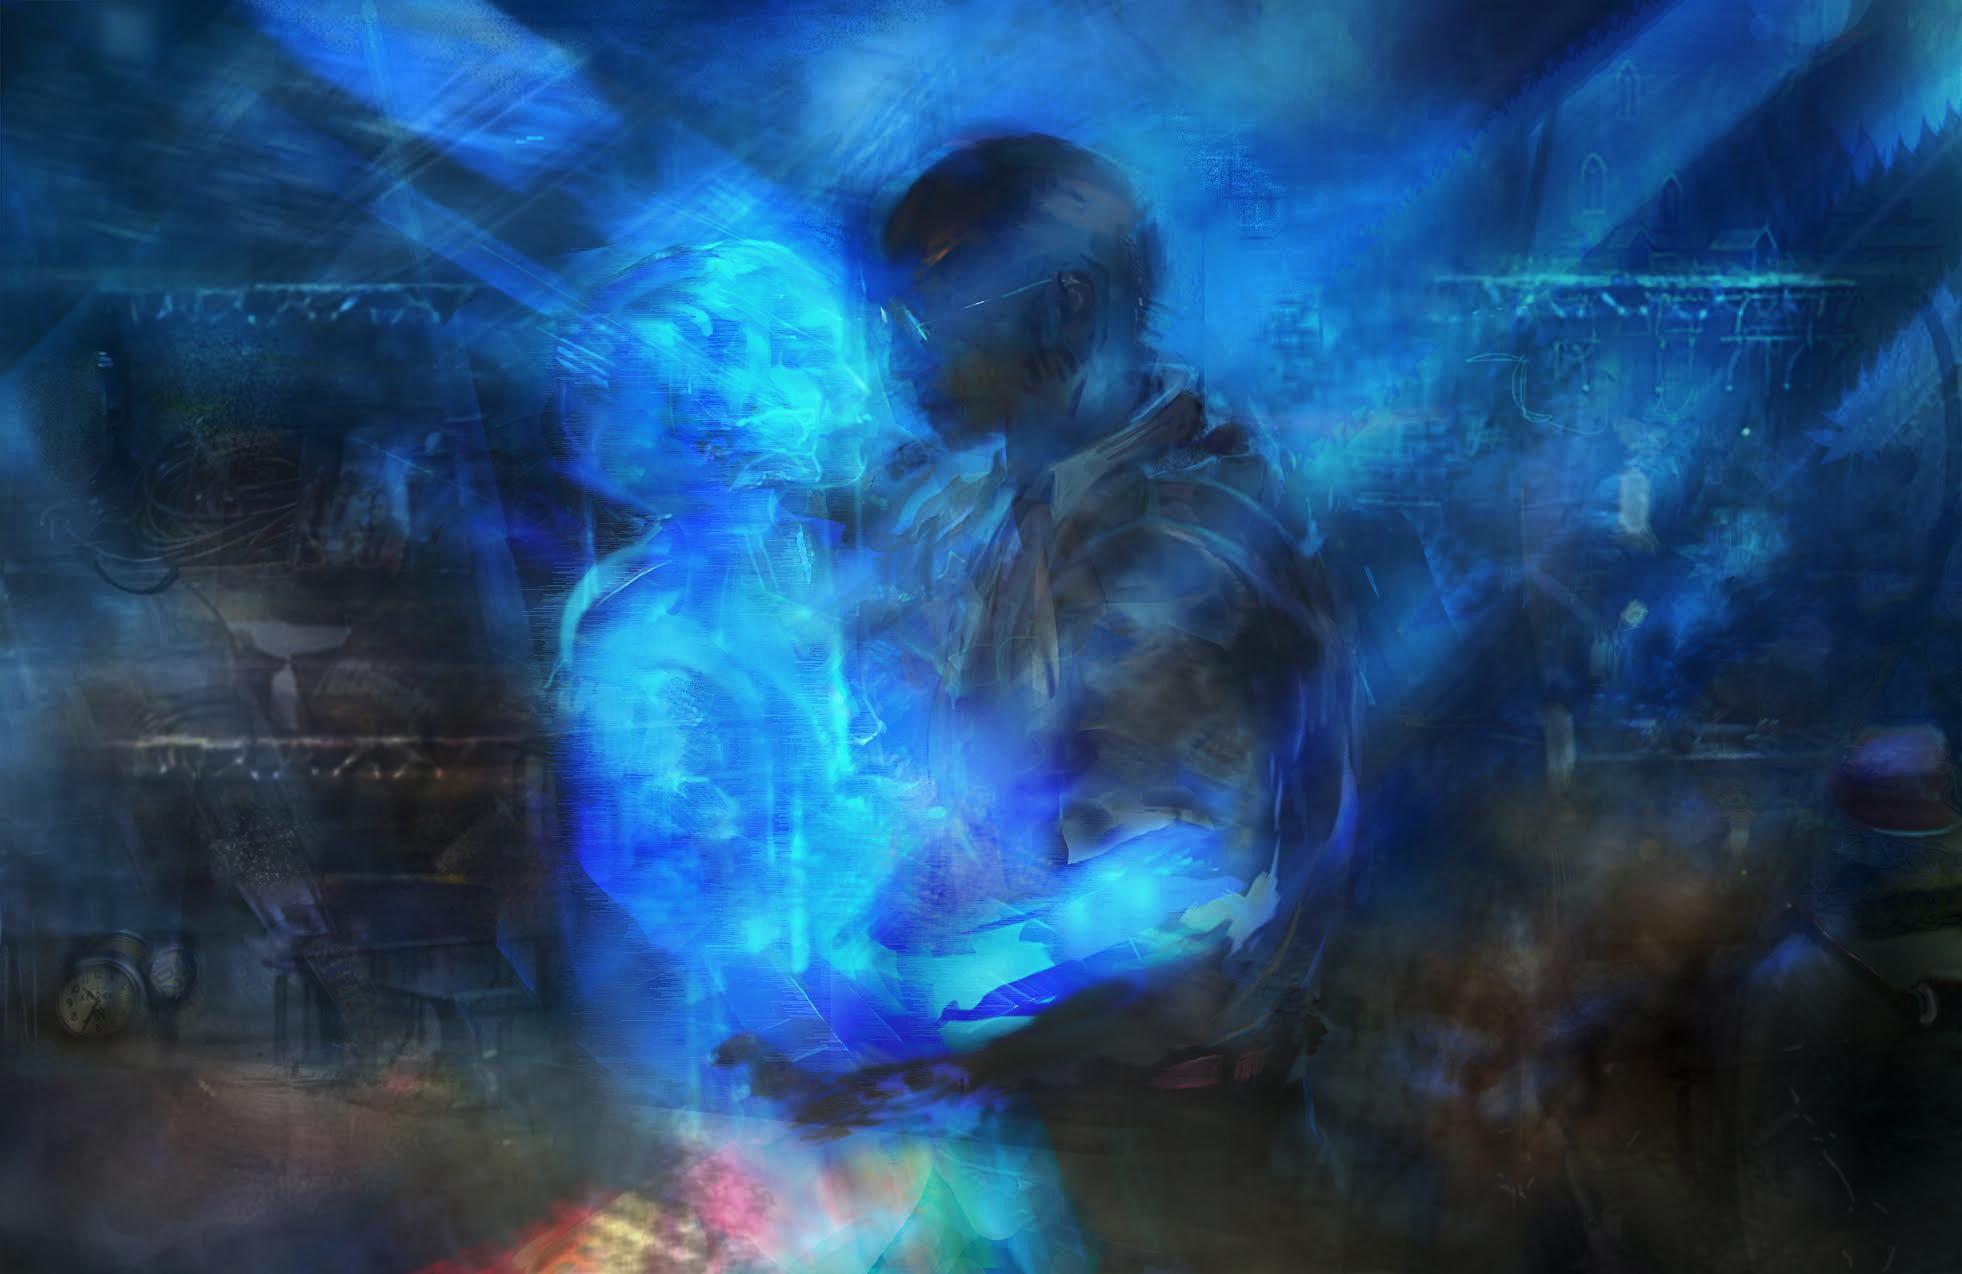 dance_concept_art_02.jpg